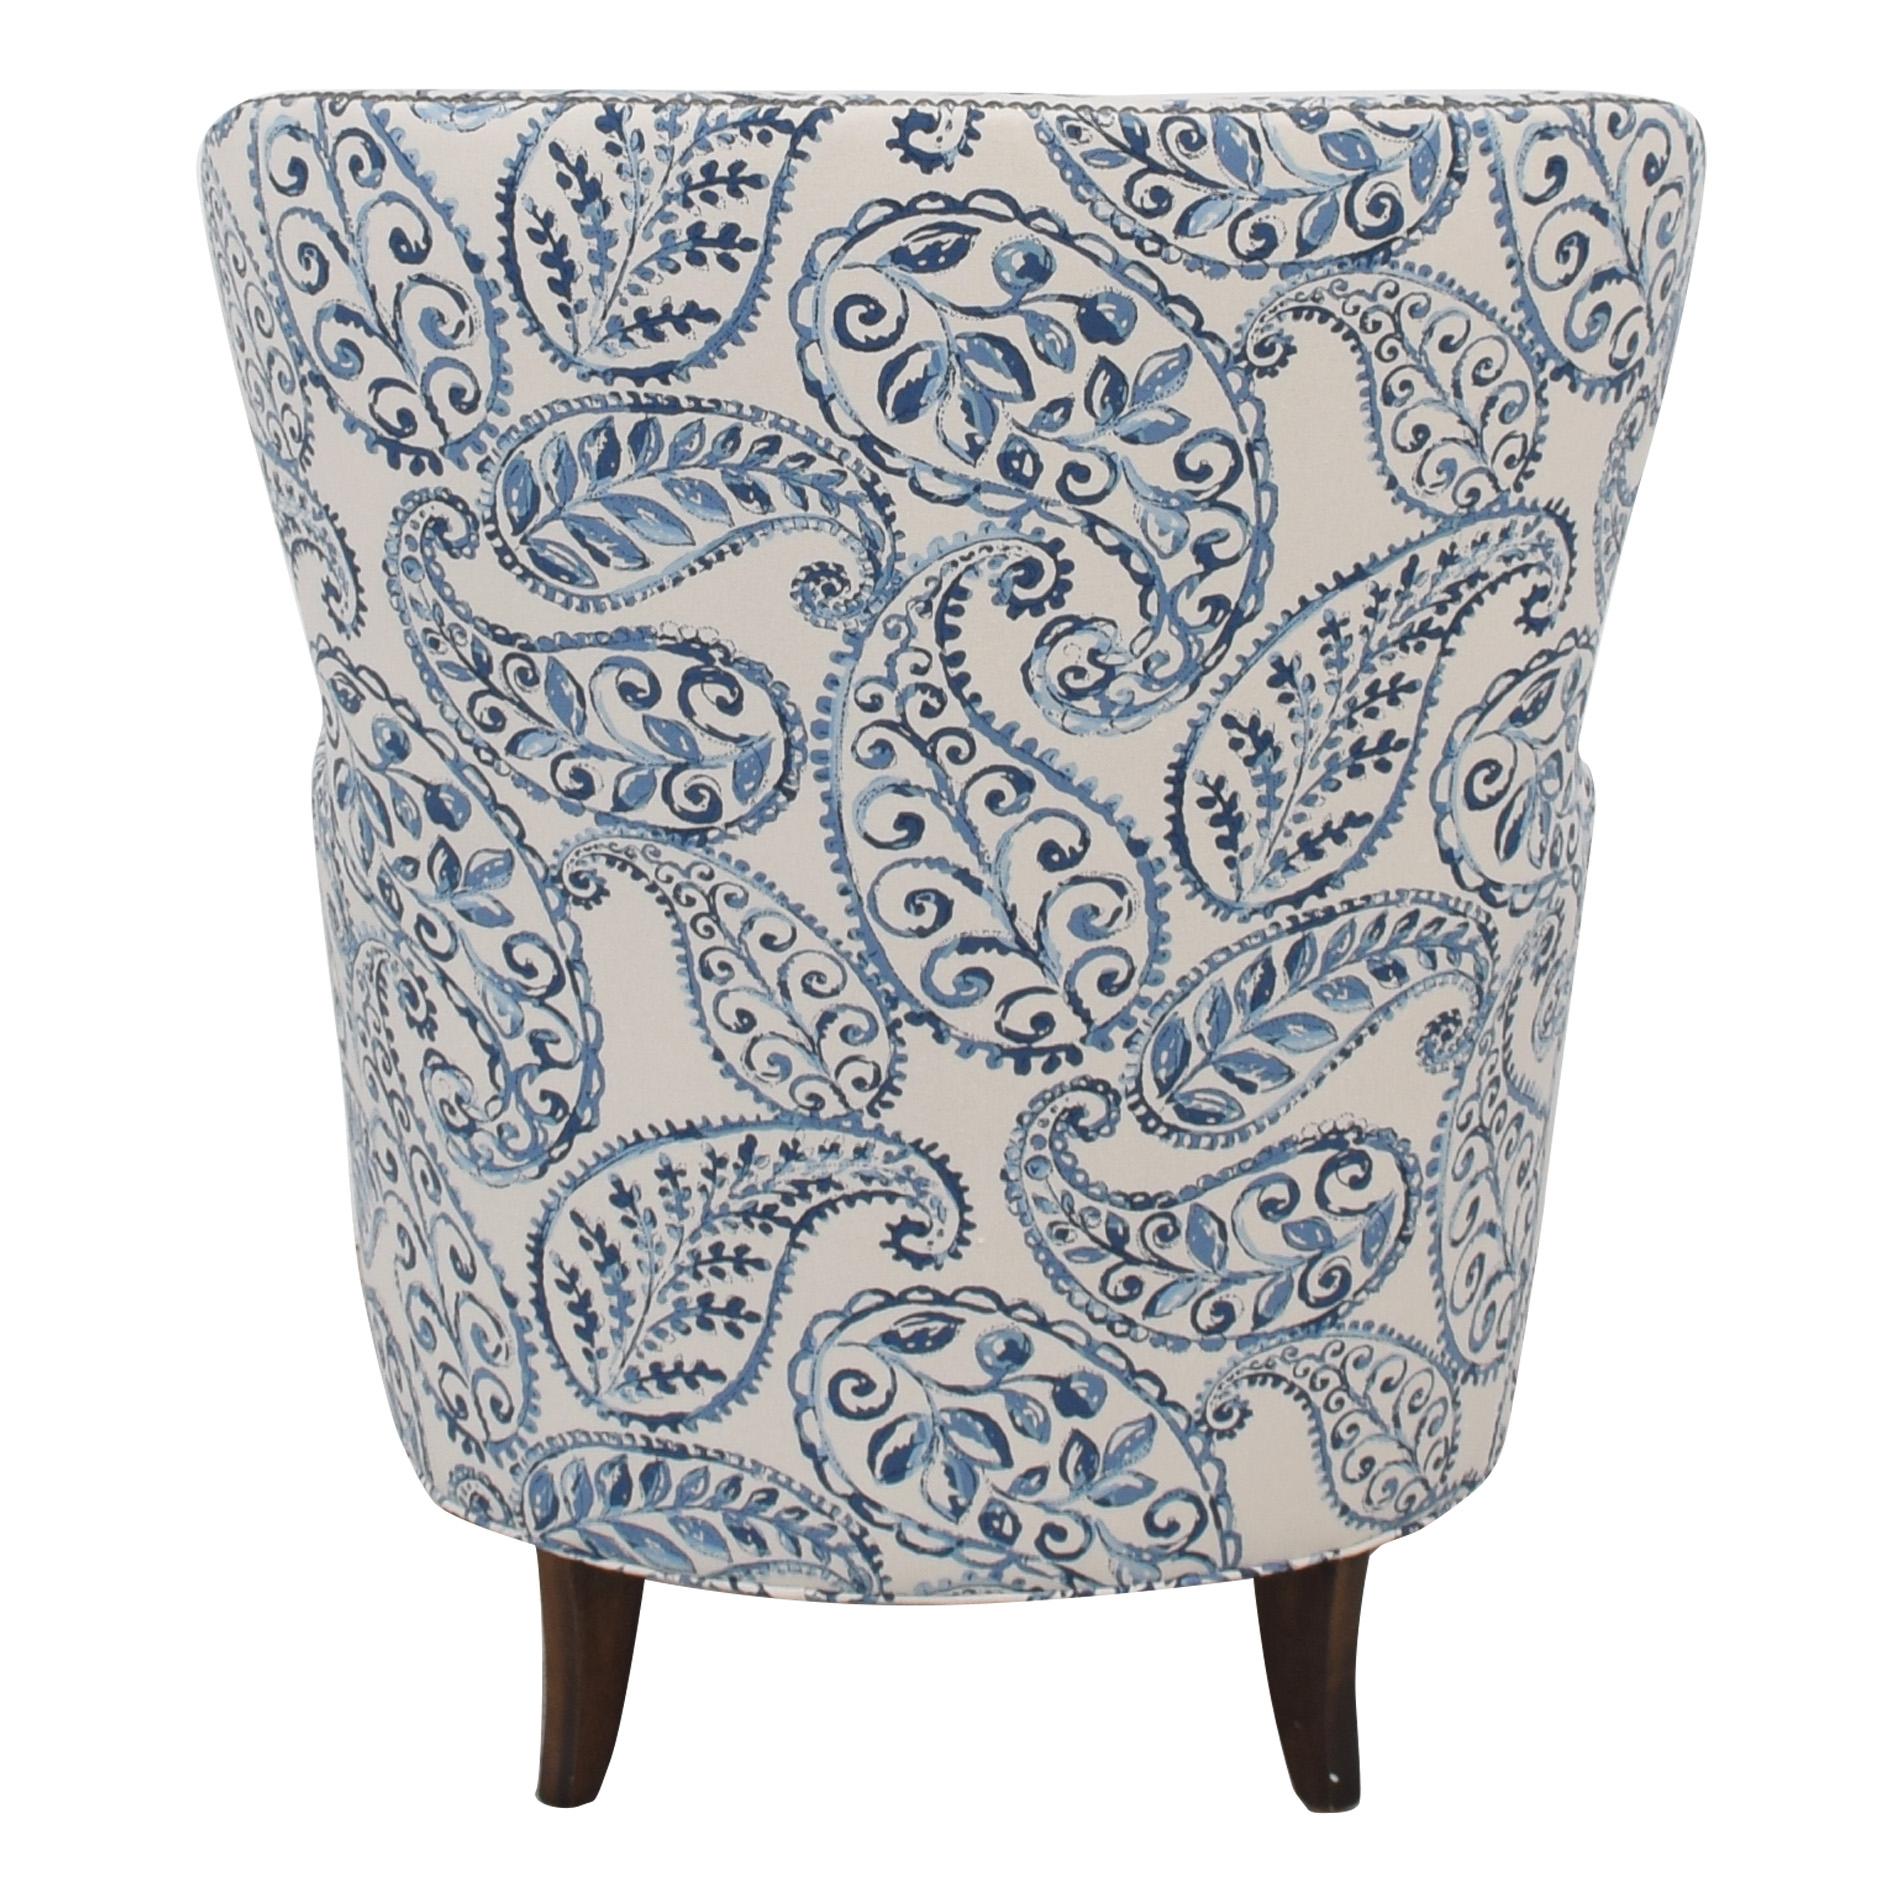 shop Crate & Barrel Crate & Barrel Brielle Wingback Chair online